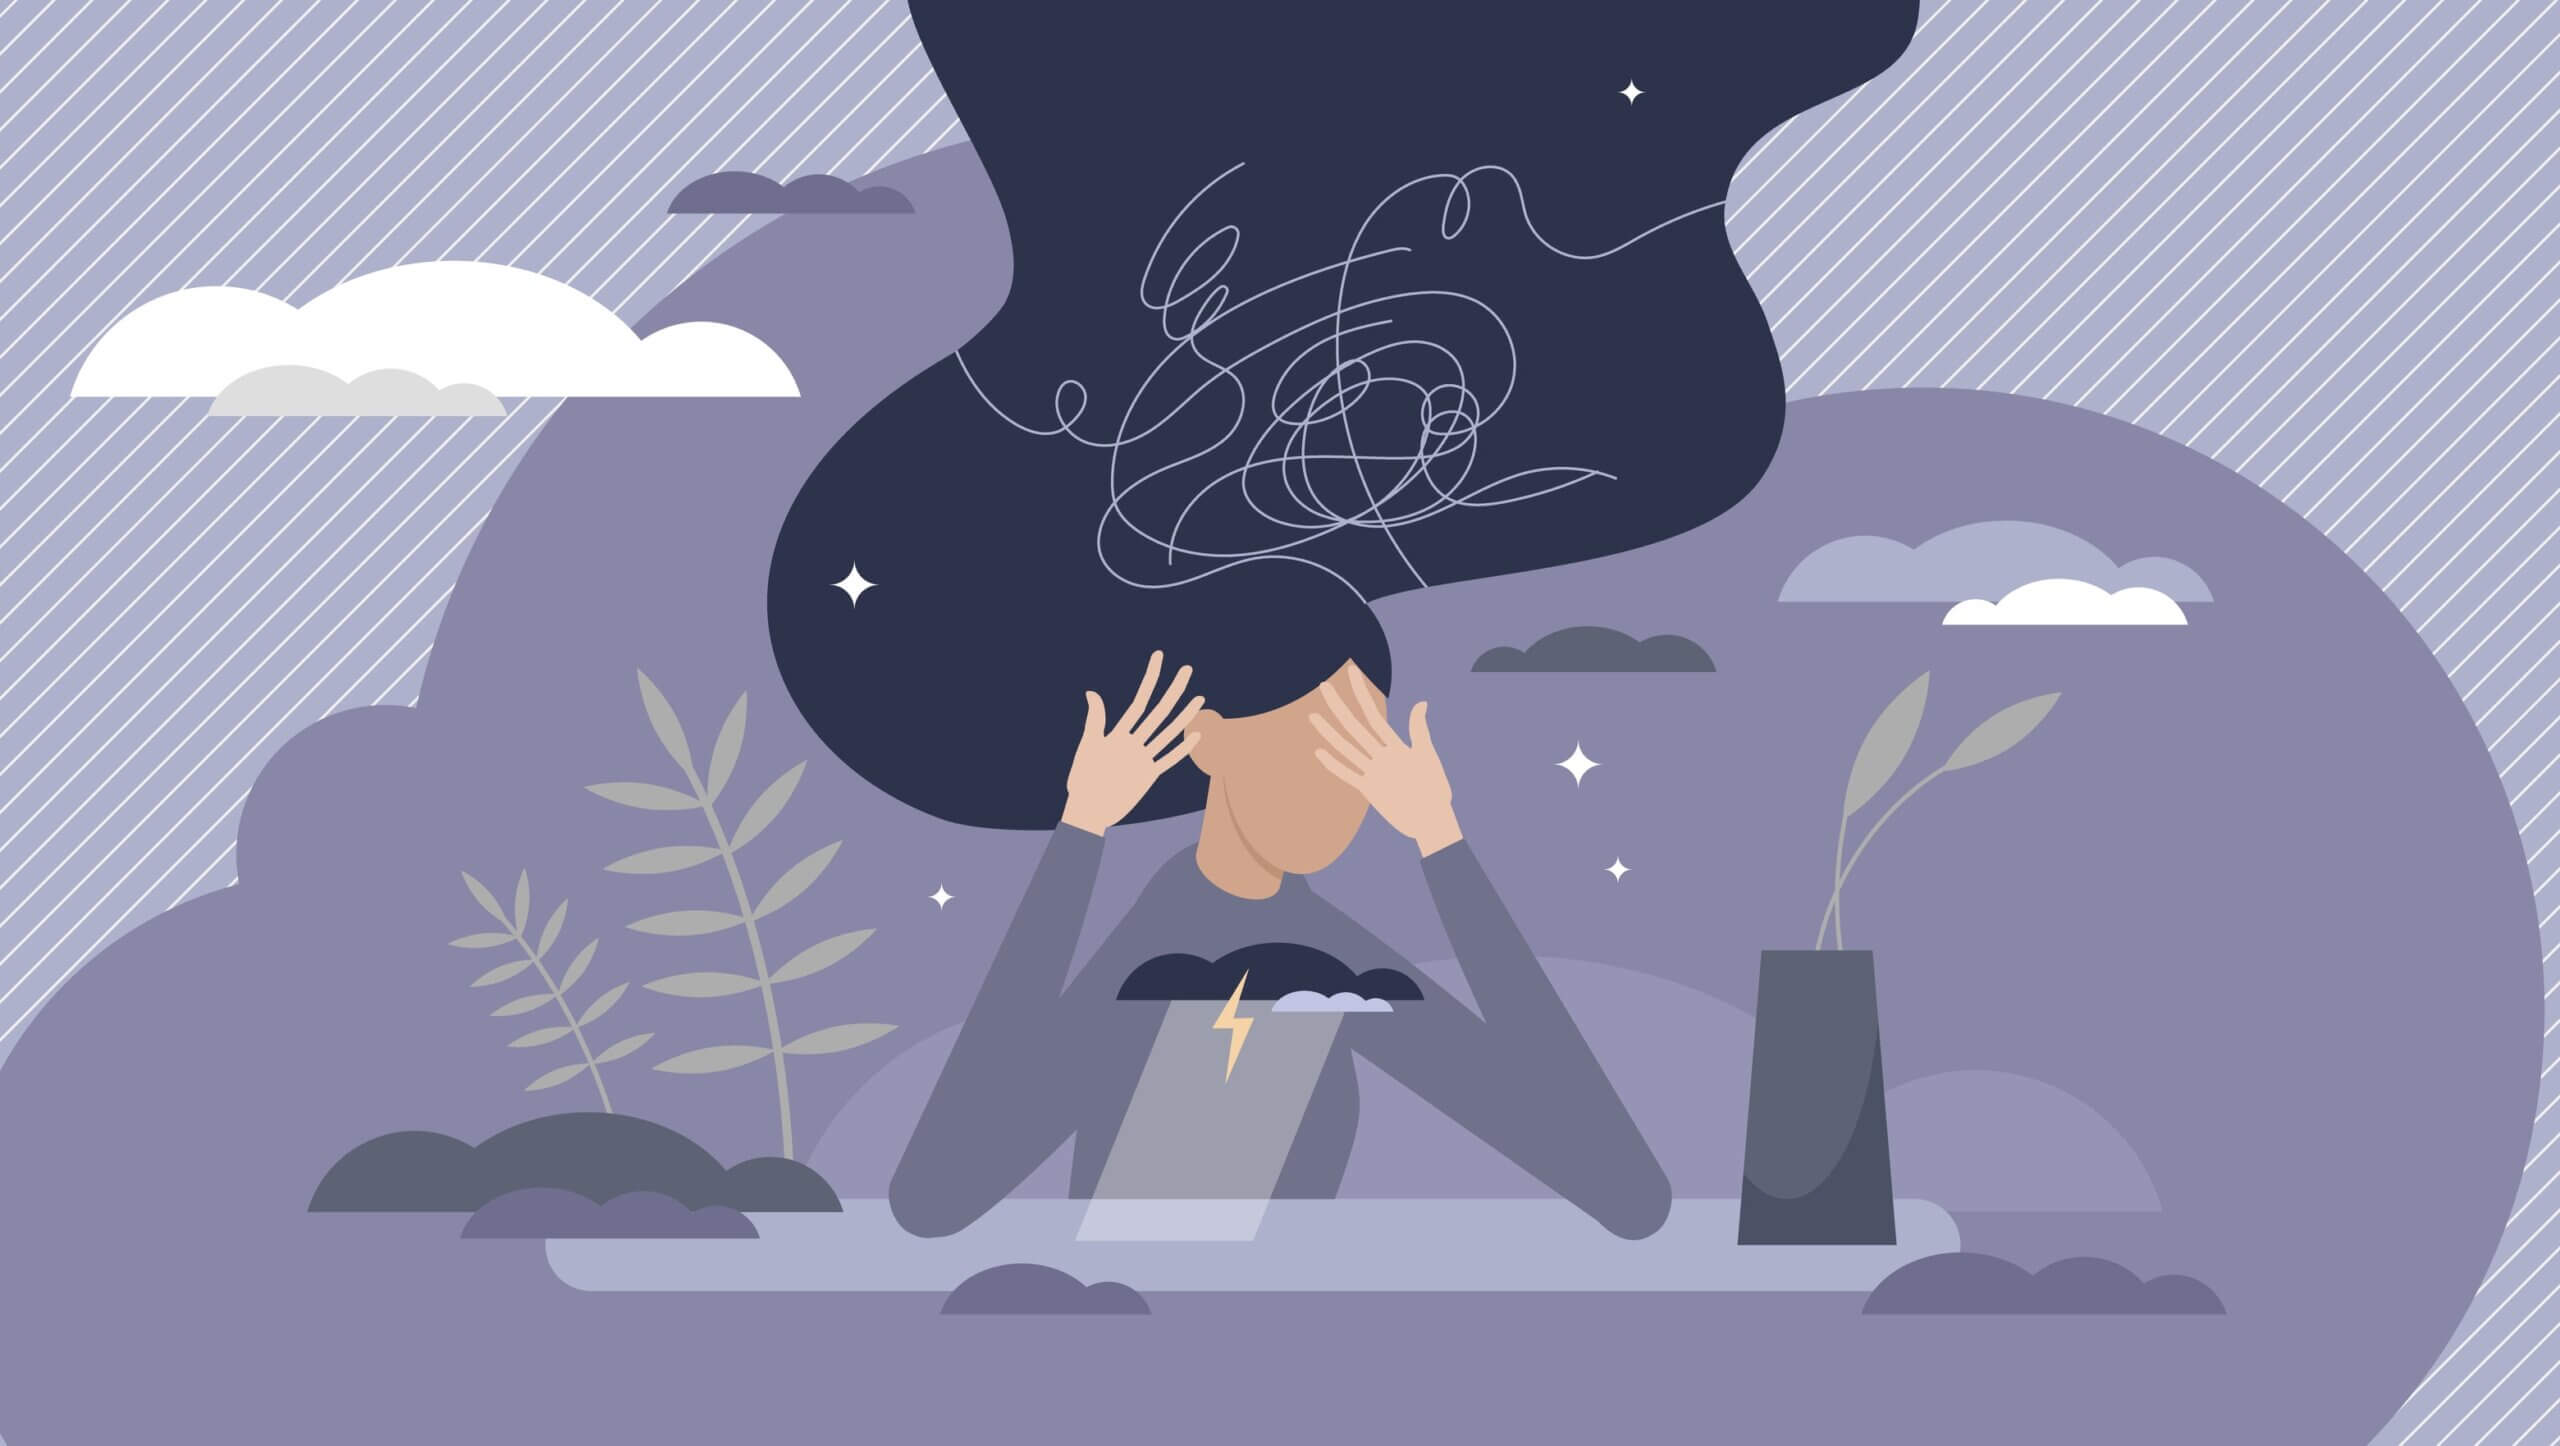 アフィリエイト初心者が失敗する4つの原因【解決方法は簡単です】